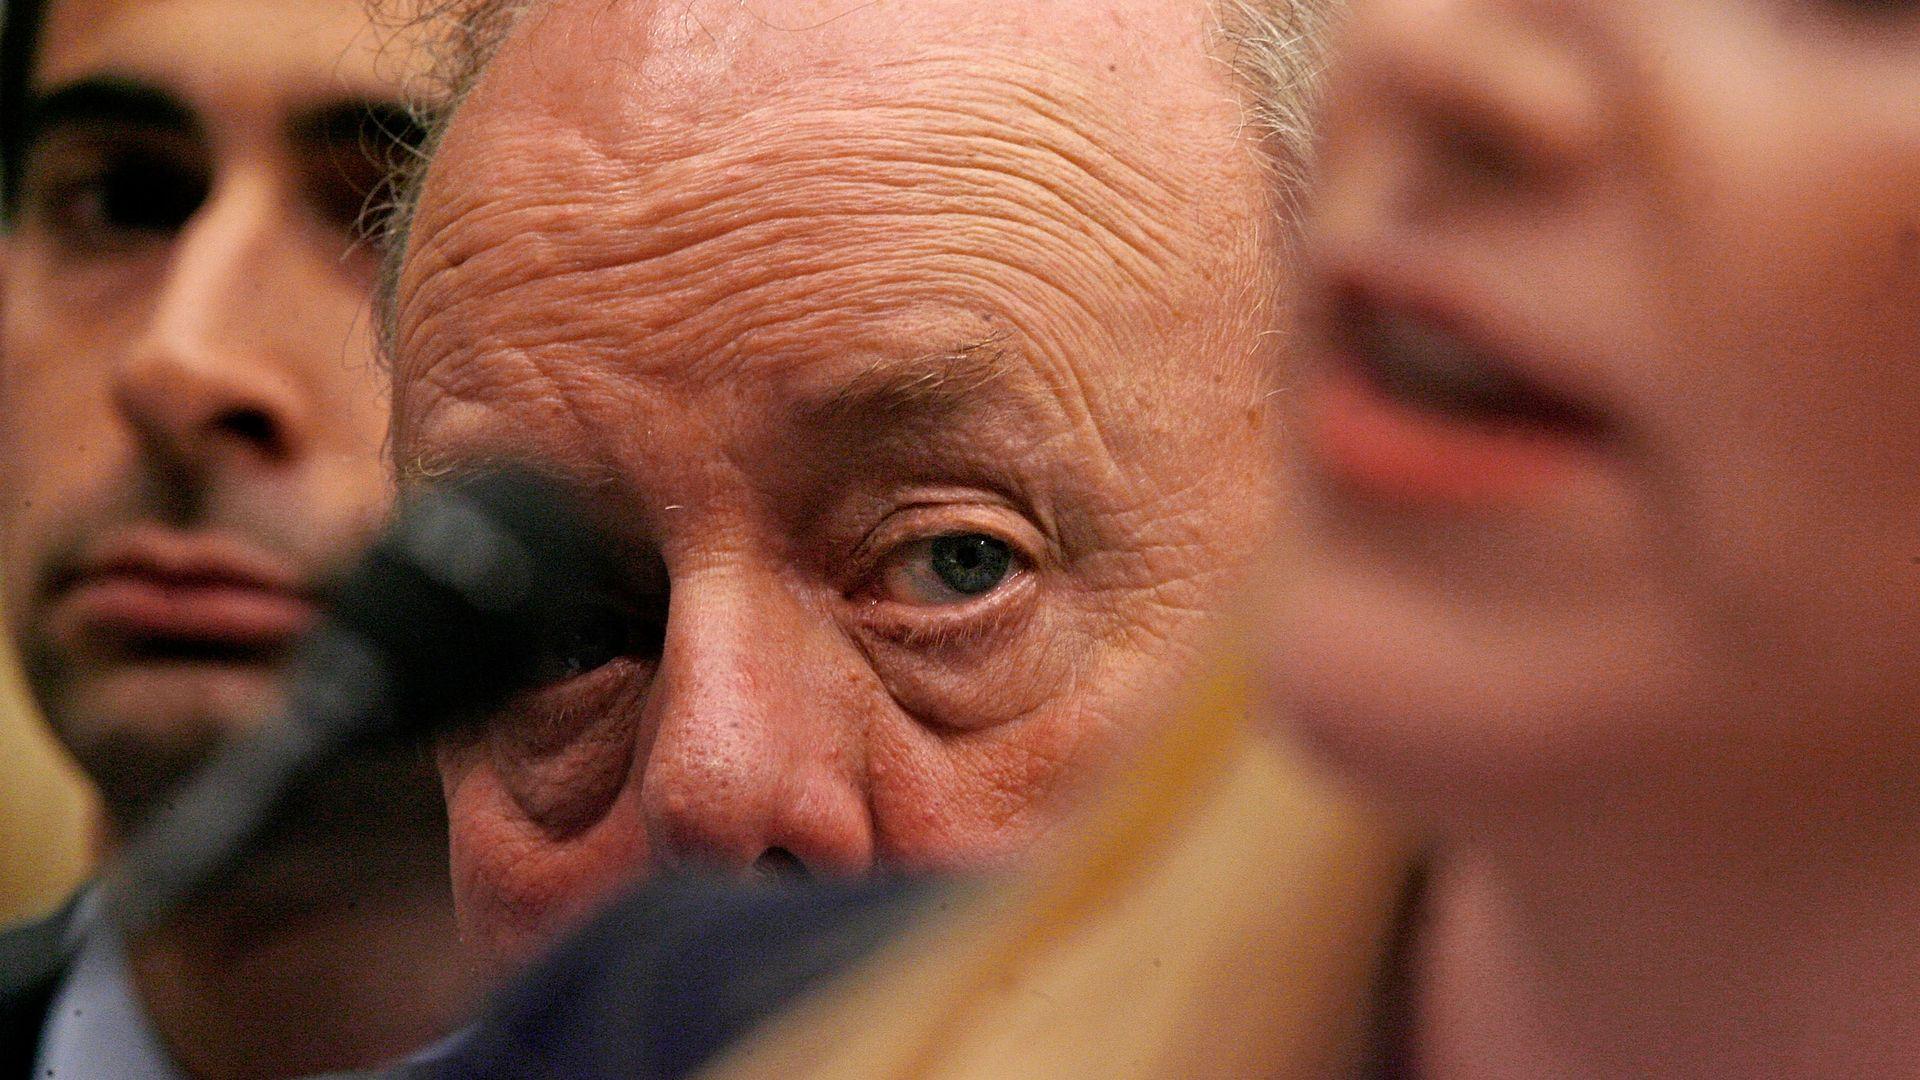 John Dowd's eye